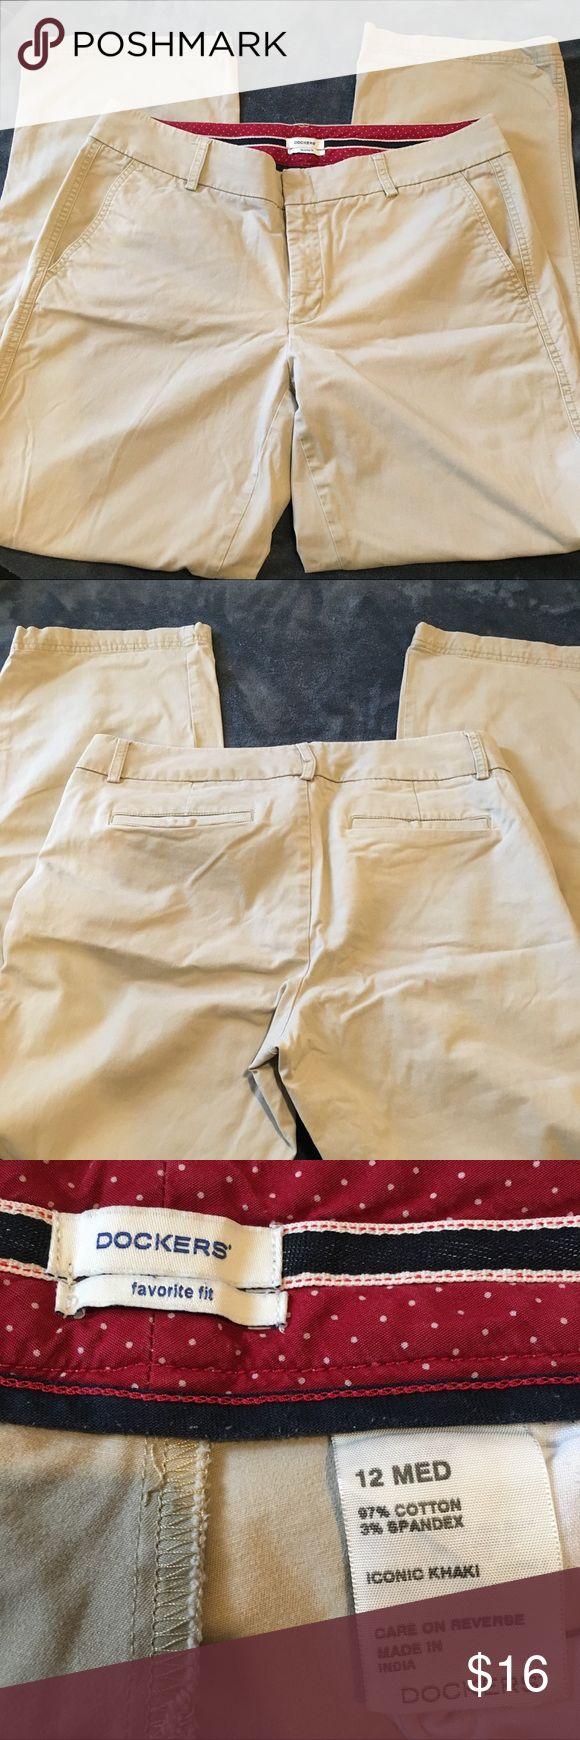 Dockers women's khaki pants Dockers women's khaki pants Dockers Pants Trousers